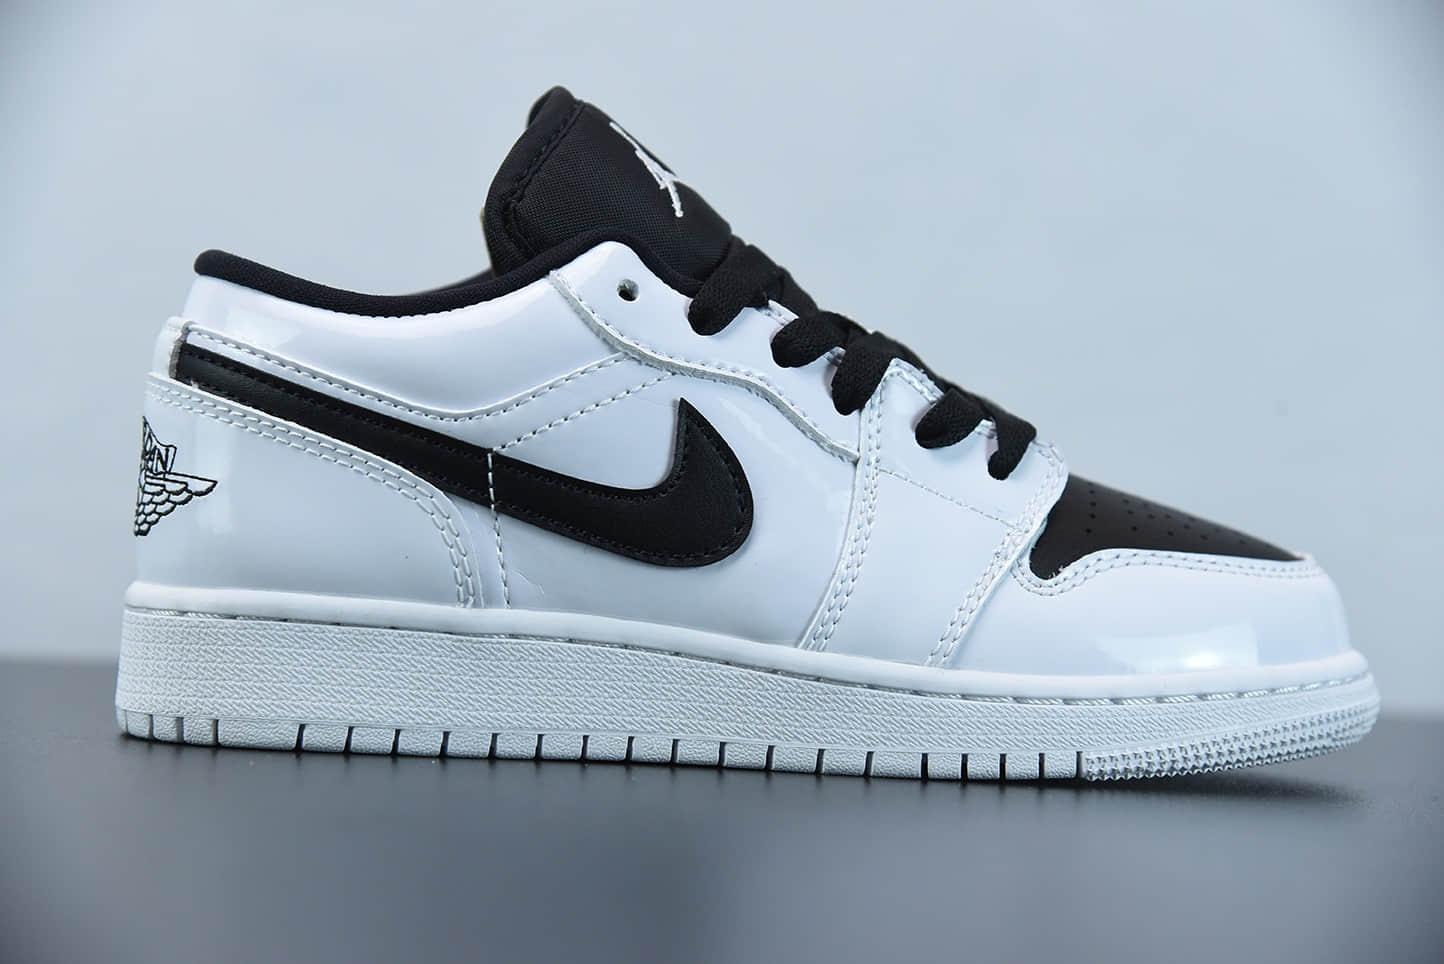 乔丹Air Jordan 1 Low WHITEBLACK 黑白熊猫低帮潮流缓震运动休闲板鞋纯原版本 货号:553560-103